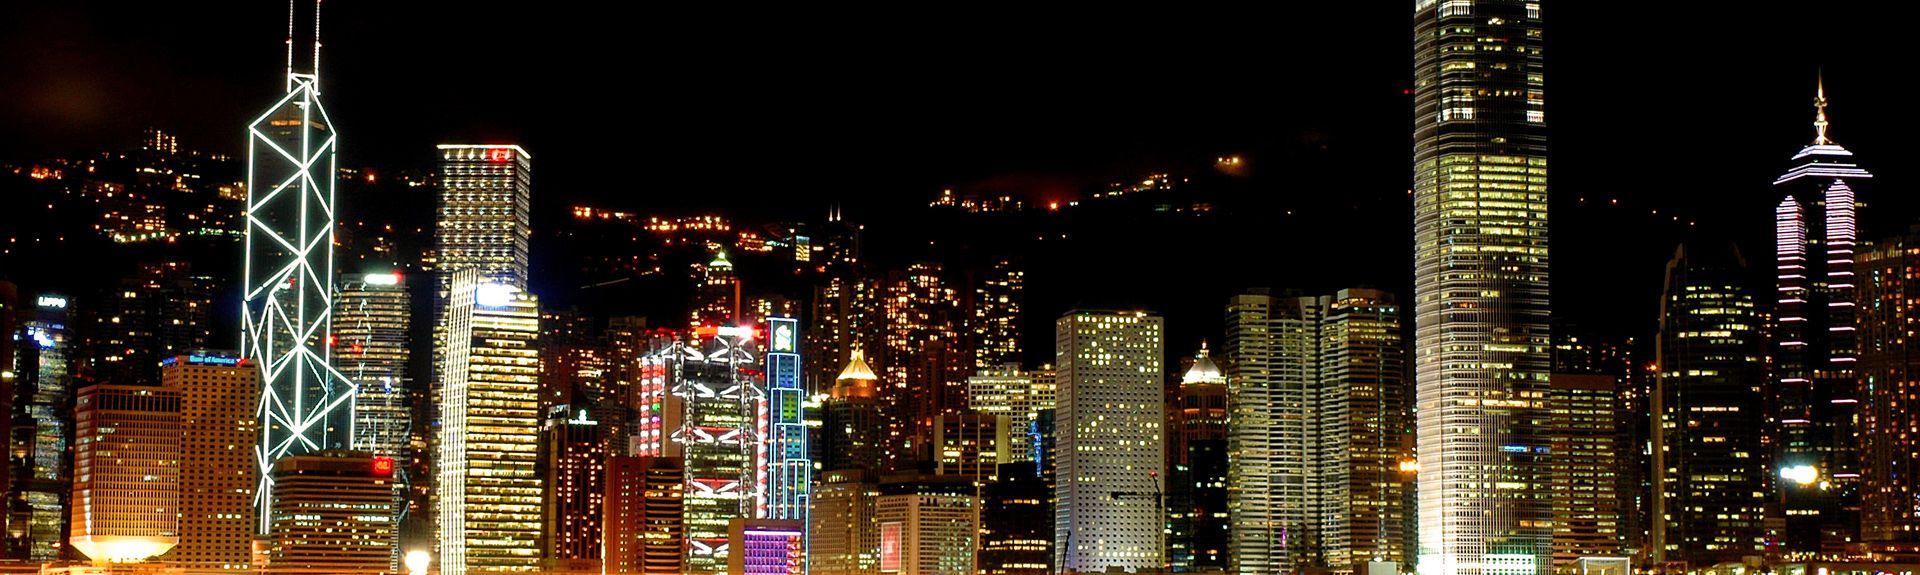 Hong Kong Island, Hong Kong SAR